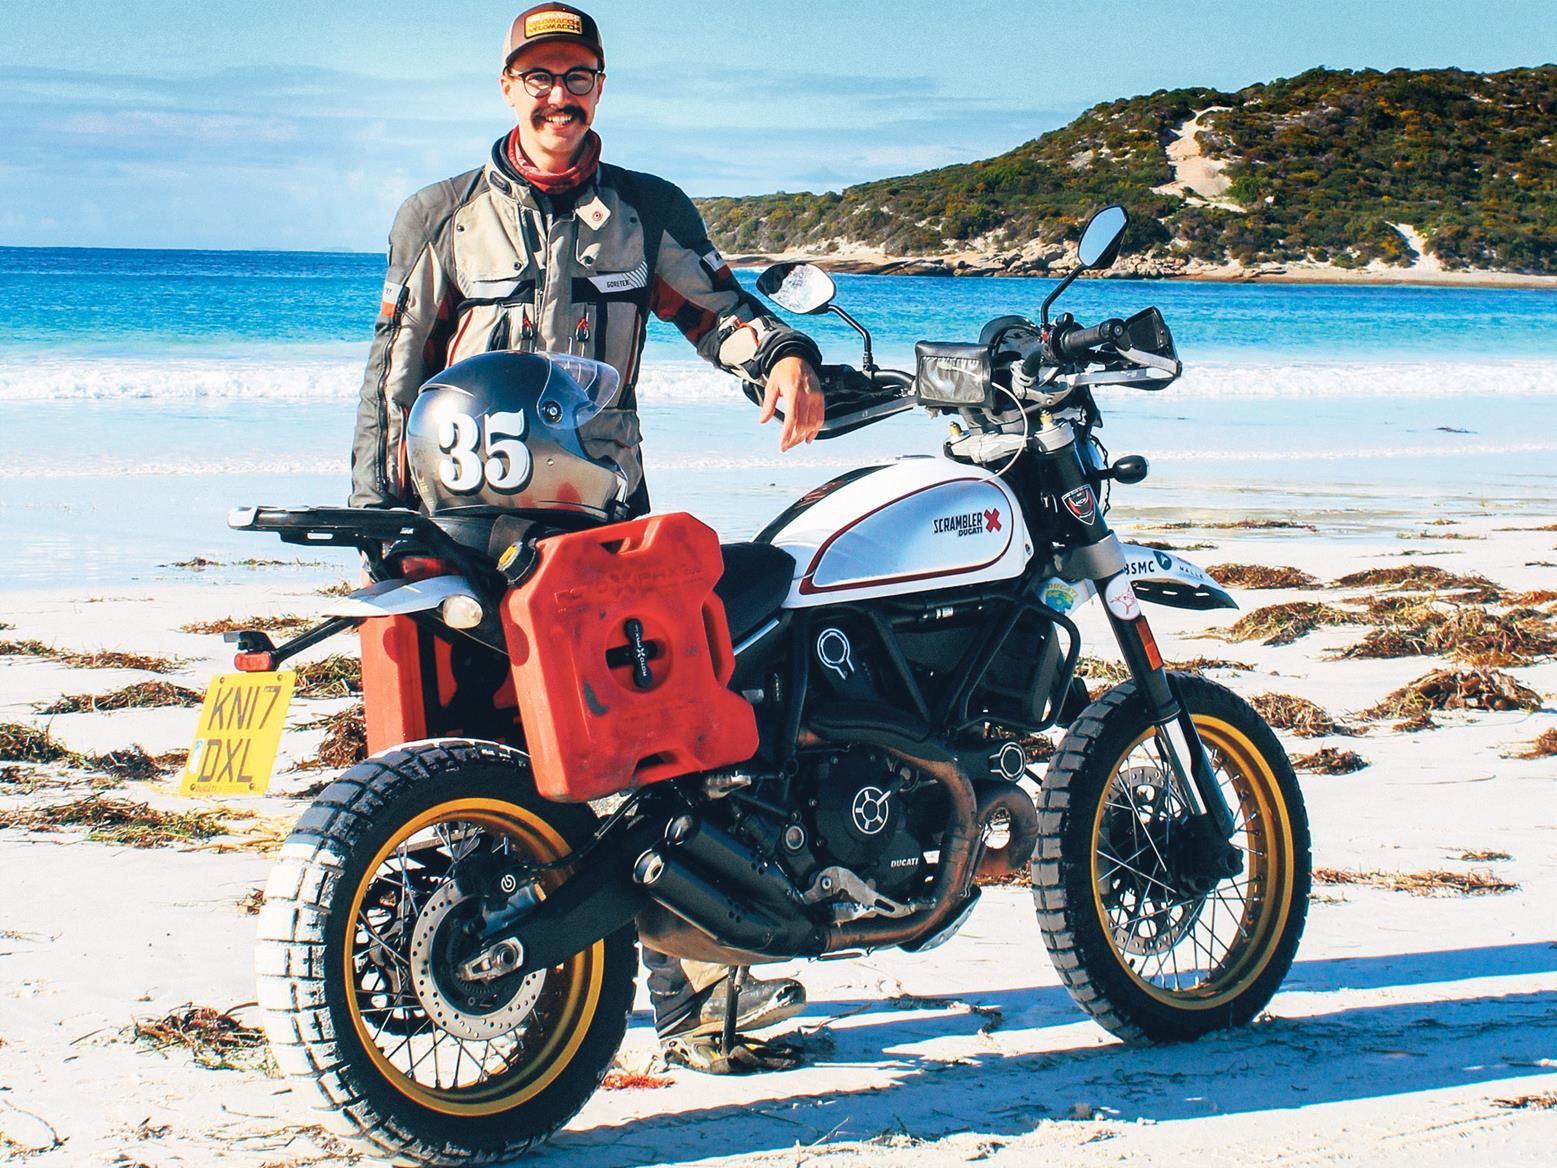 Henry Crew on his Ducati Scrambler Desert Sled